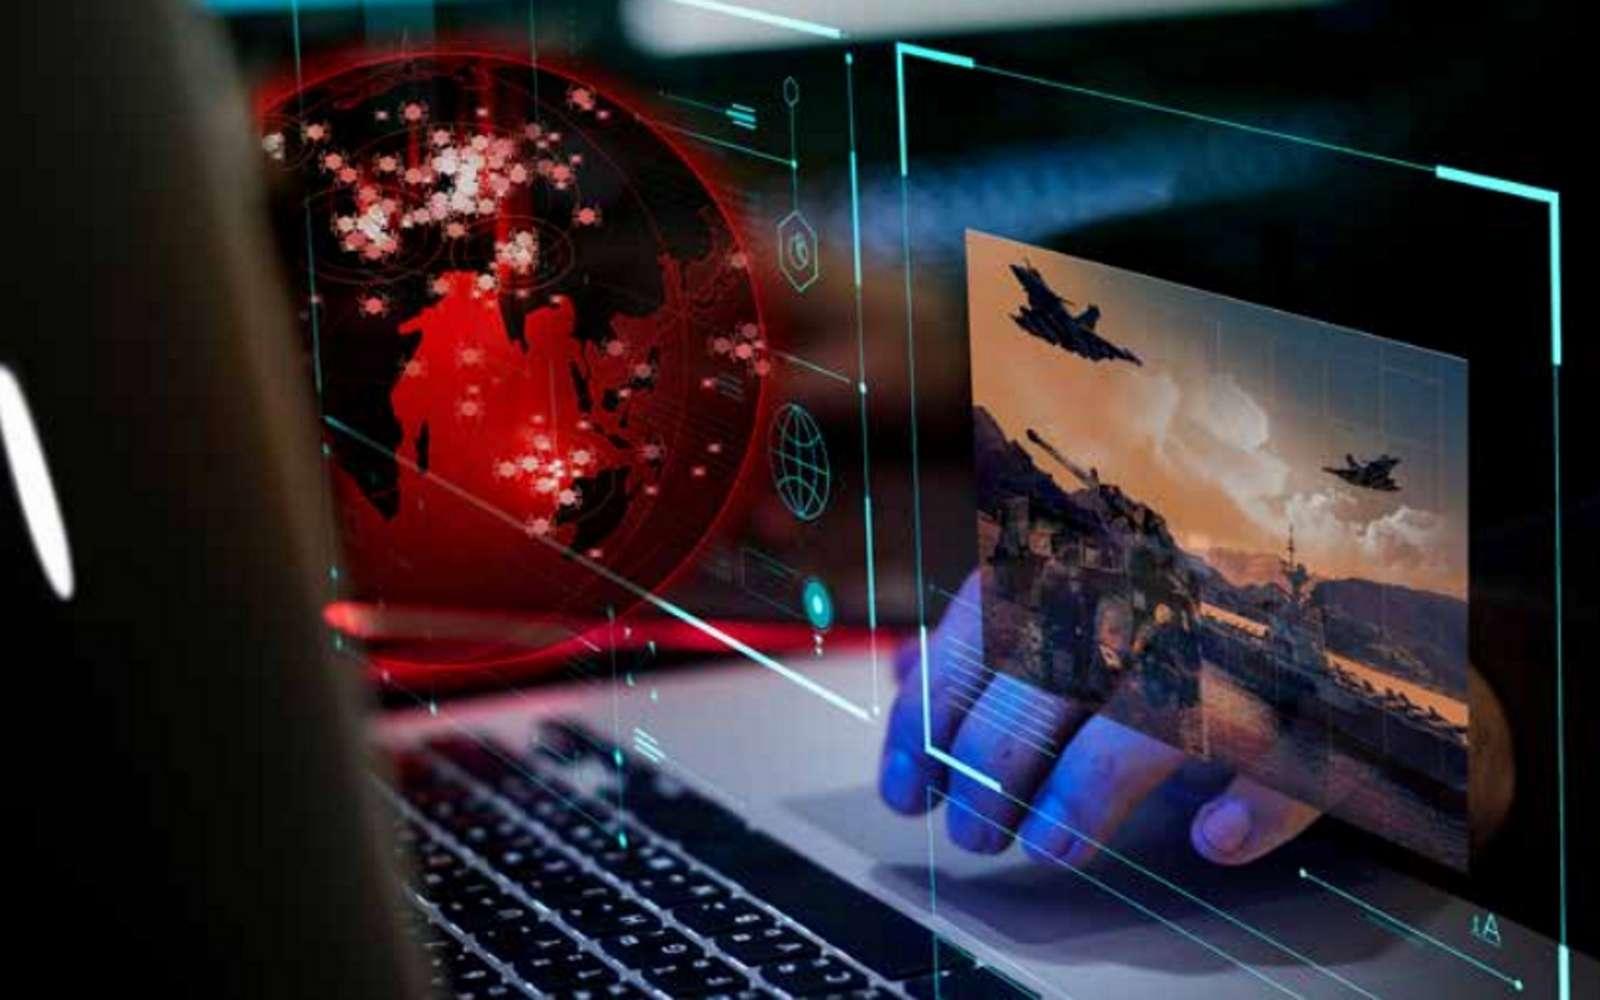 La ministre des Armées a dévoilé, vendredi 18 janvier, les éléments publics de doctrine militaire de lutte informatique offensive. Pour elle, la cyberguerre a commencé et la France doit être prête à combattre. © Ministère des Armées